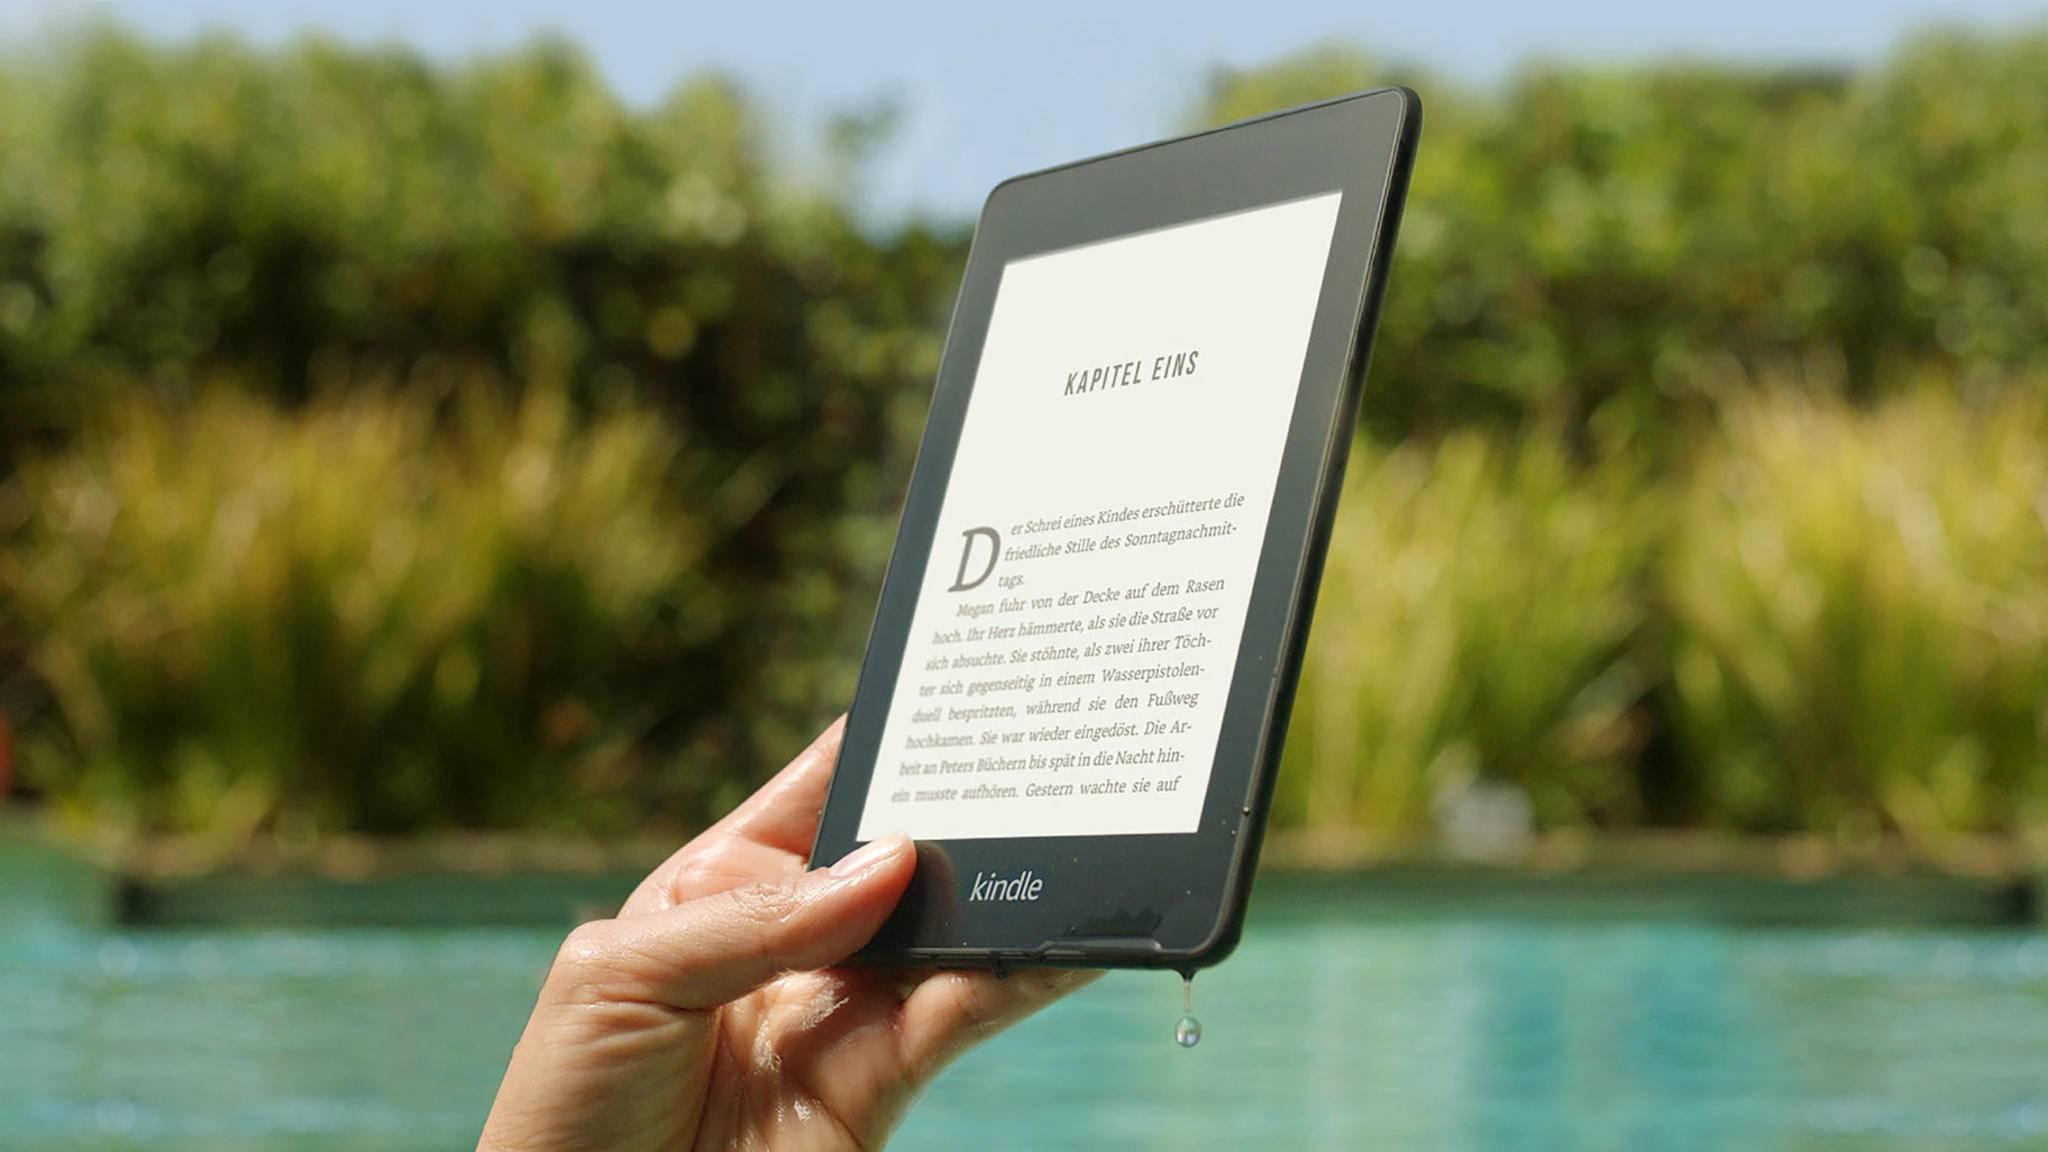 Dein Kindle-Unlimited-Abo kannst Du monatlich kündigen.